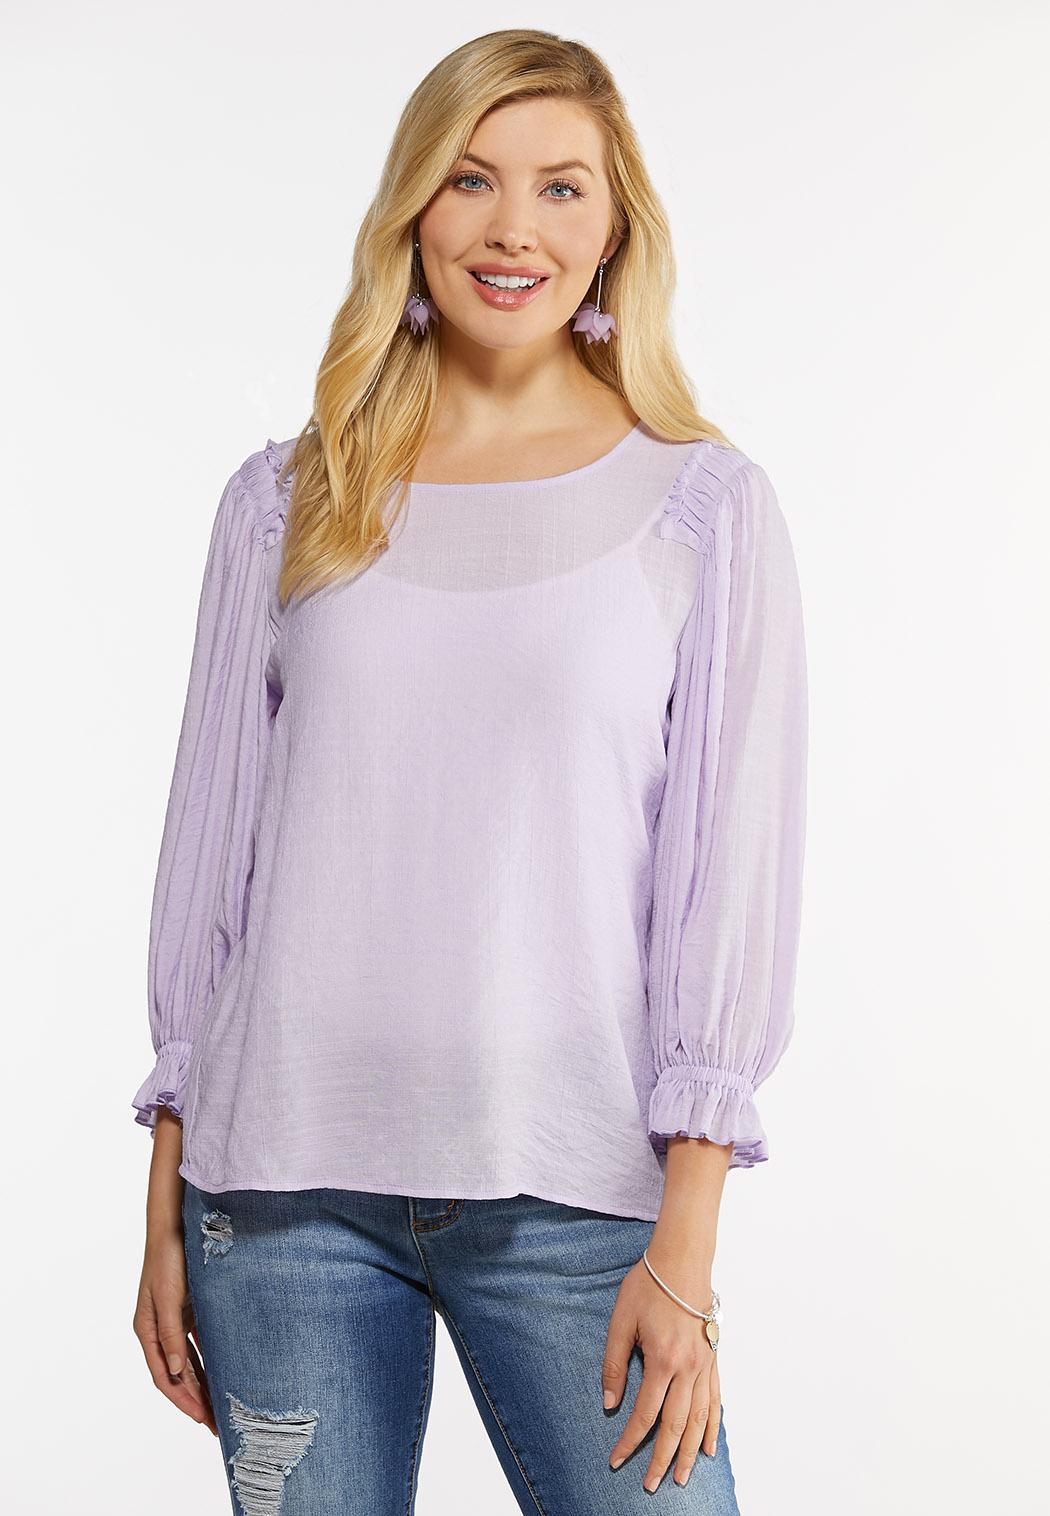 Lavender Ruffled Sleeve Top